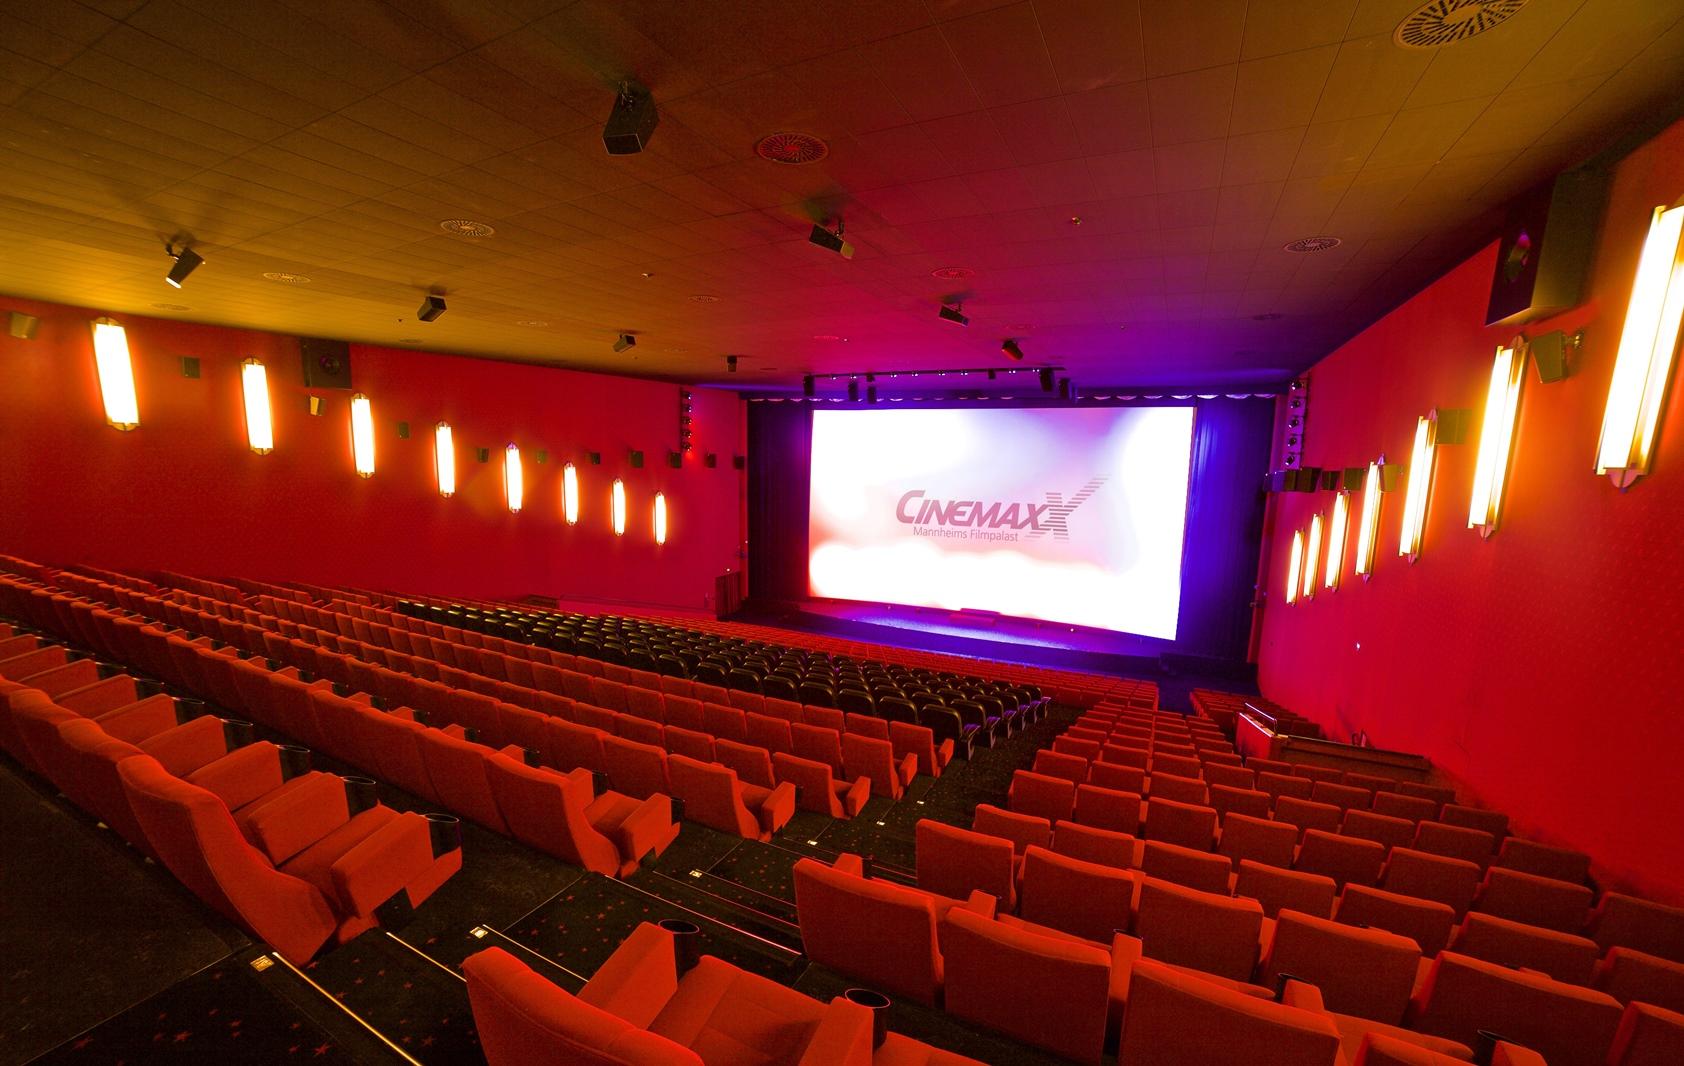 Teatro Cinemaxx en Kuta ,Bali